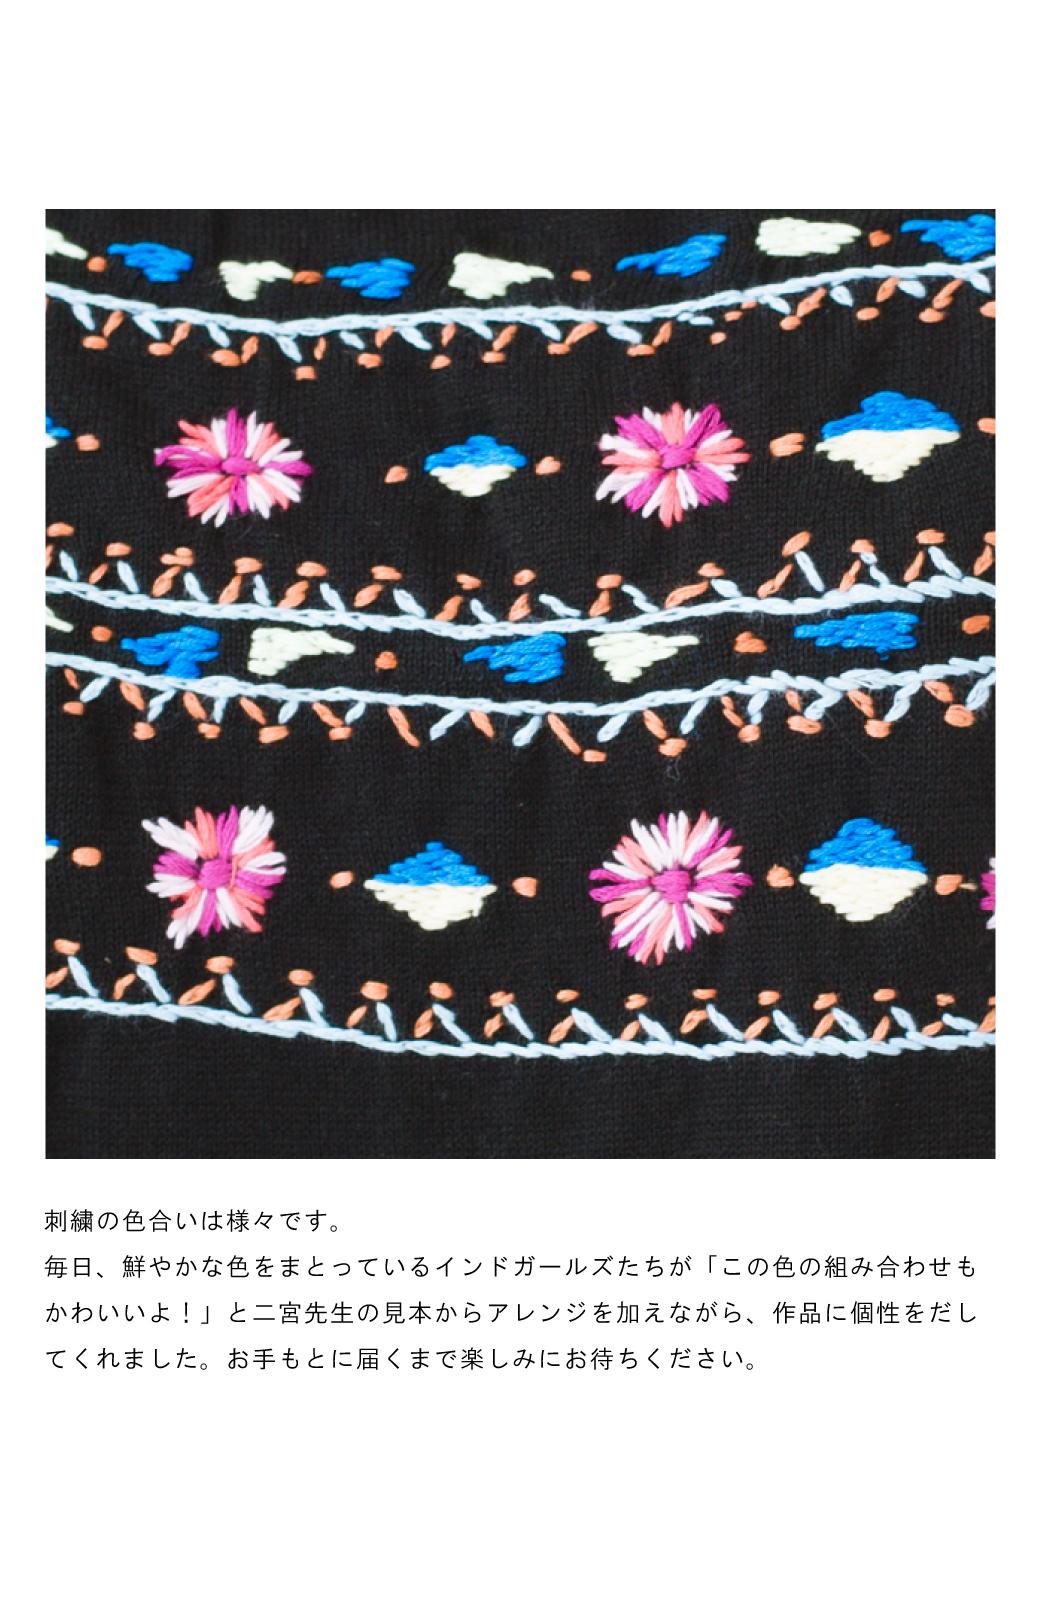 haco! Stitch by Stitch 首回りがきれいに見える色とりどりの刺繍のスクエアニット <ブラック>の商品写真3